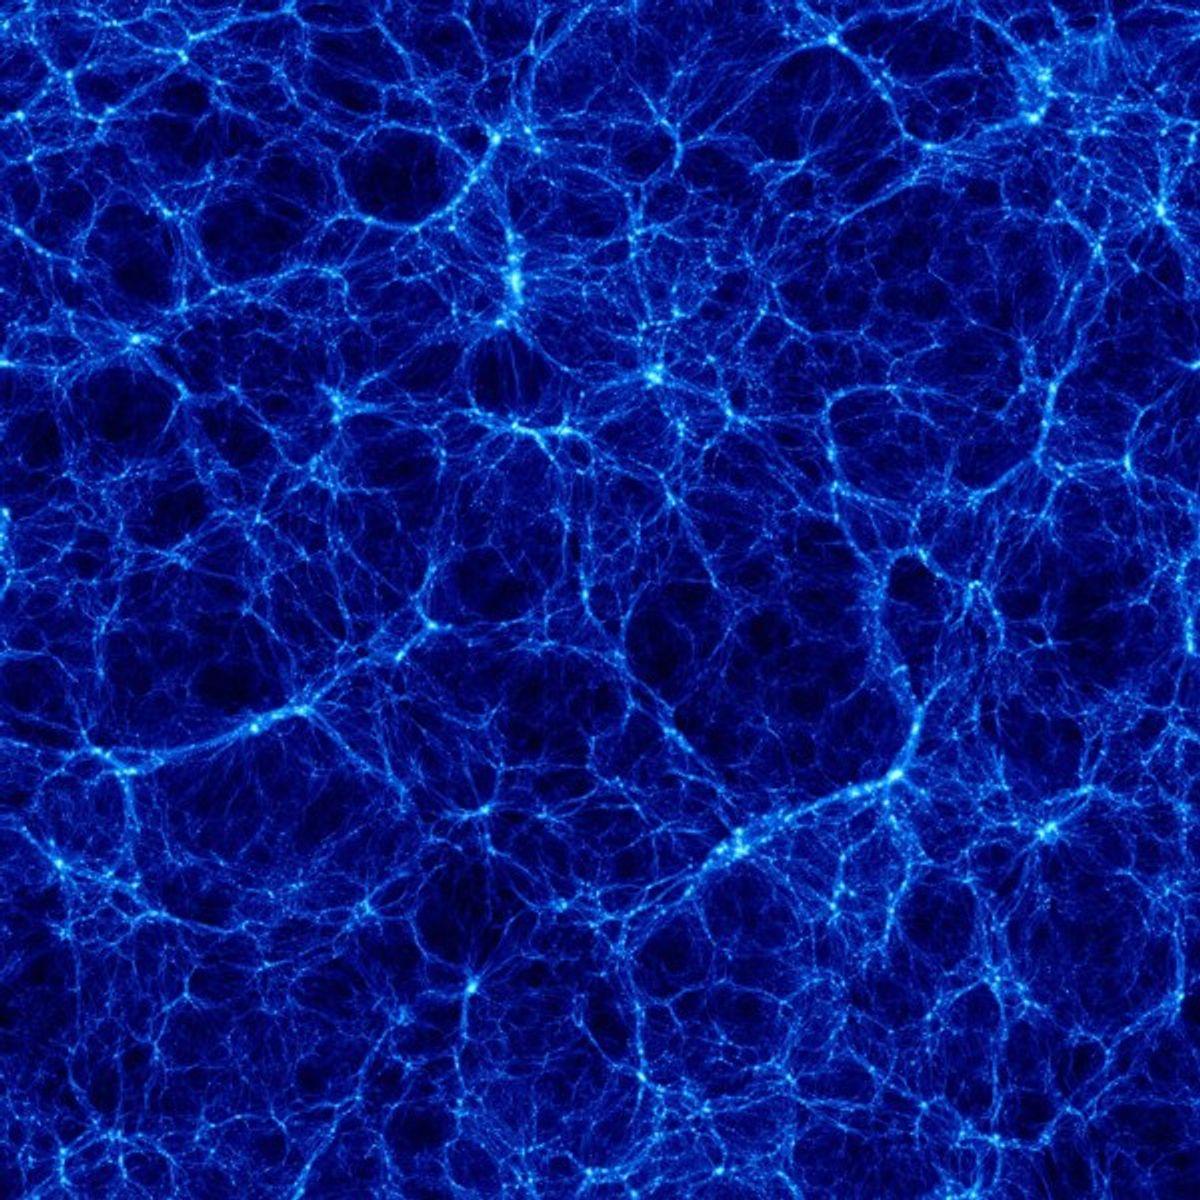 The Mystery Enshrouding Dark Matter